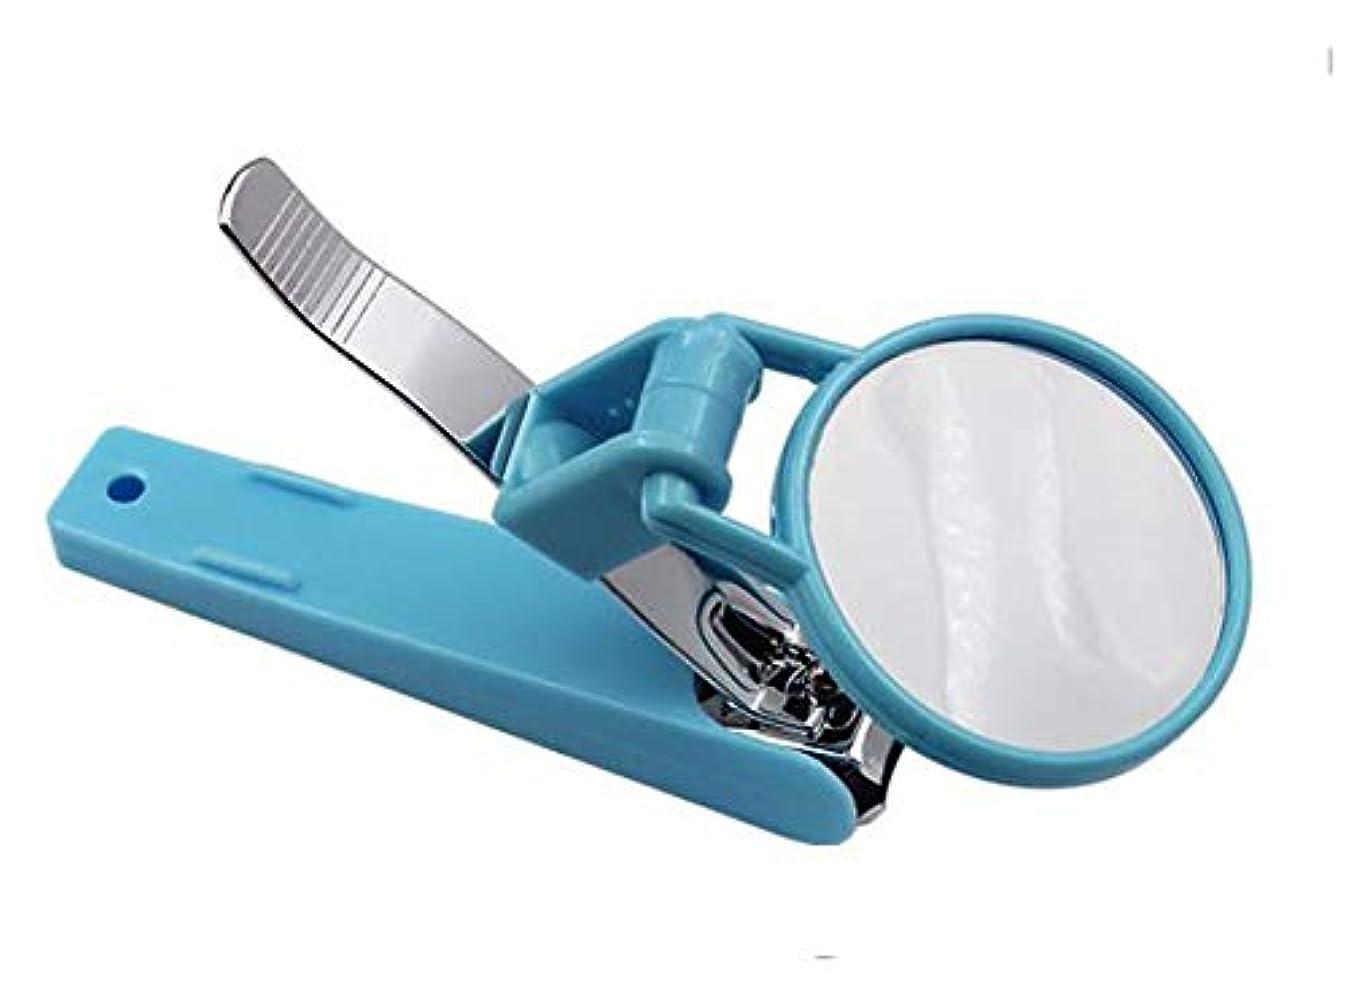 出費がんばり続けるウィザードSZM ルーペ付き爪切り ネイルケア 高齢者向け 虫眼鏡 コンパクト 携帯便利 360度回転